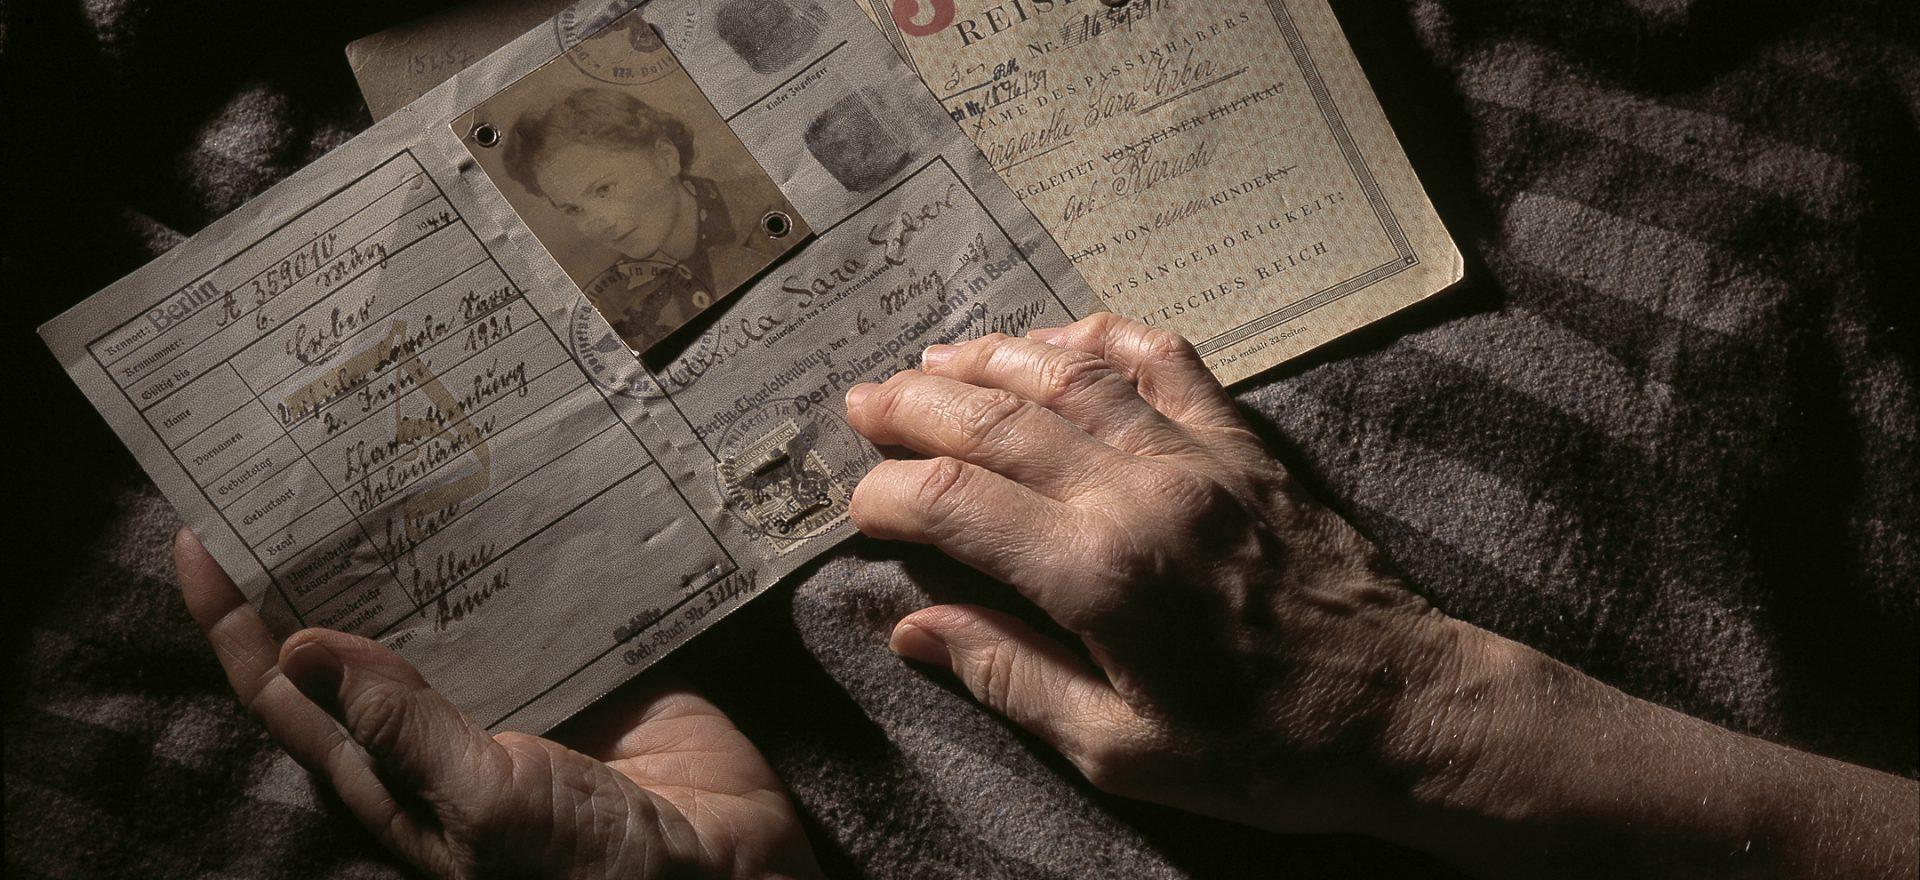 Les mains d'une personne âgée manipule des documents d'identité. Photographie illustrant la présentation, des fiches d'analyse des sources primaires, ressource éducation du Musée de l'Holocauste.